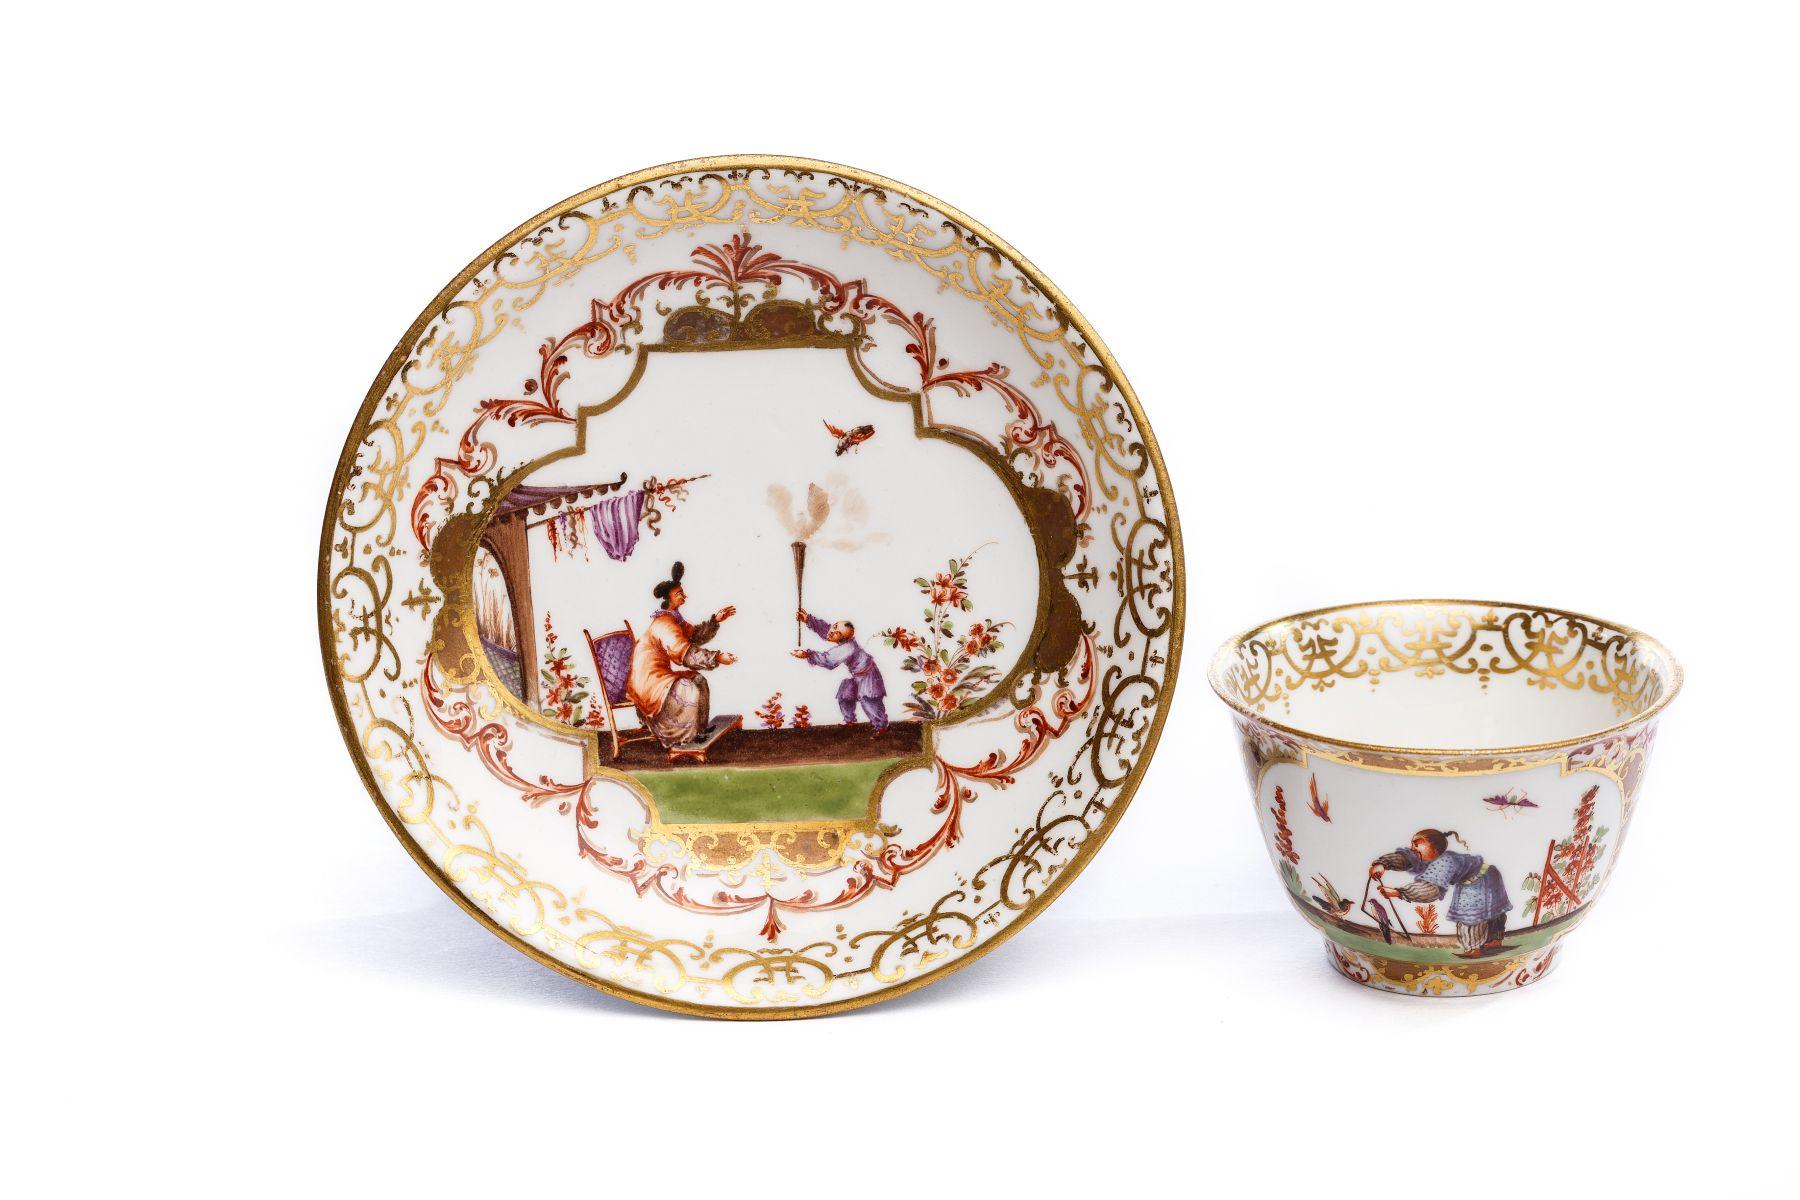 #40 Bowl with saucer, Meissen 1720/25 | Koppchen mit Unterschale, Meissen 1720/25 Image